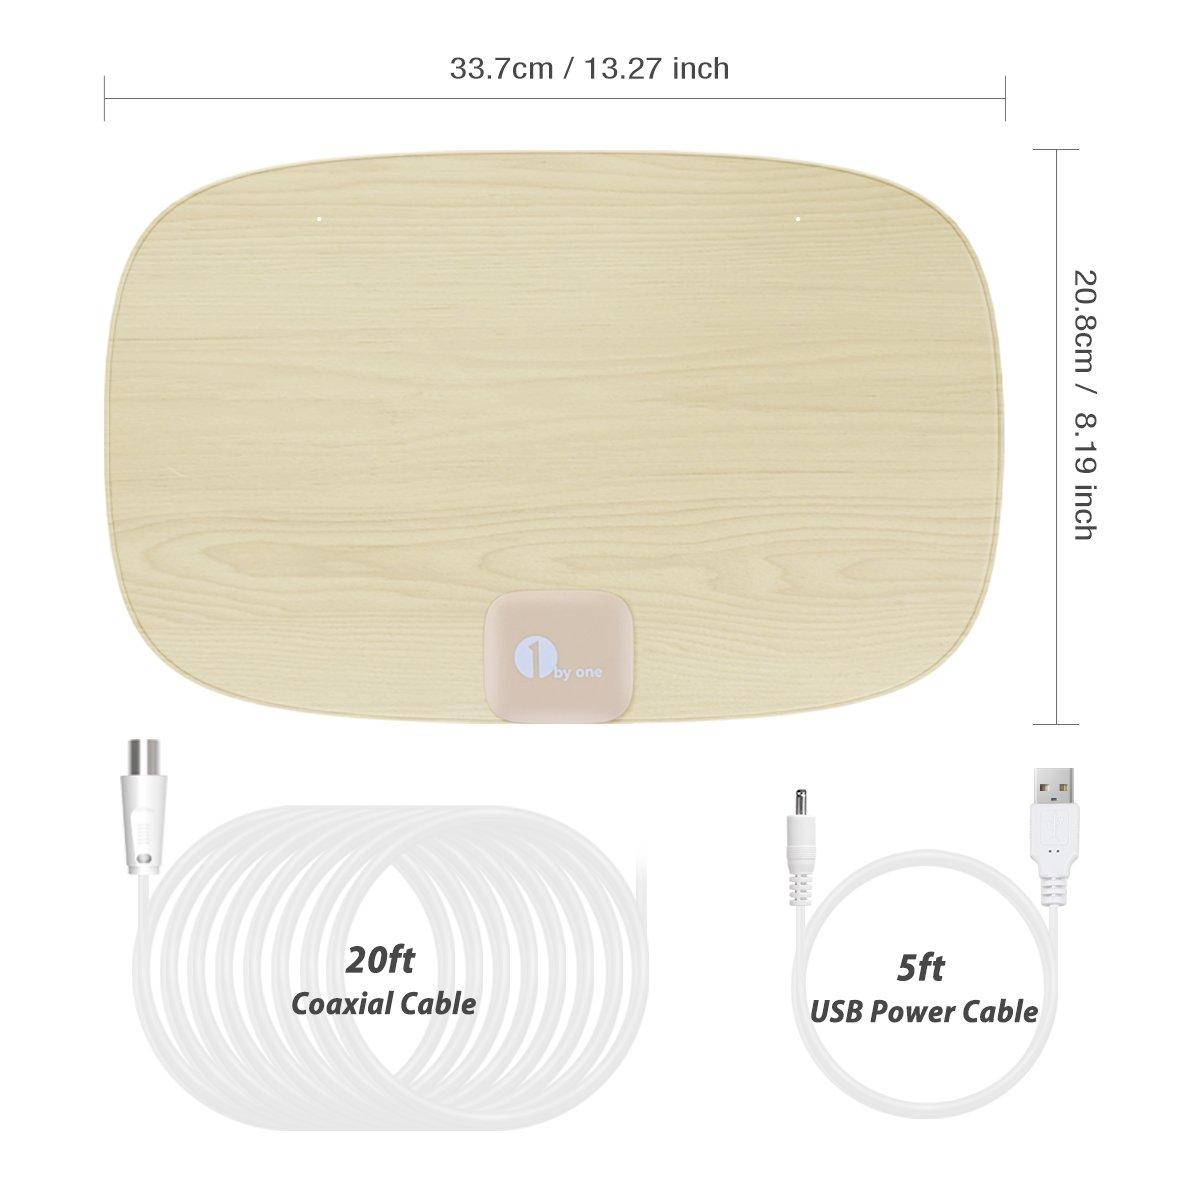 VHF//UHF//FM C/âble Coaxial 5 M/ètres et C/âble USB d/'1.5 M/ètre 1byone Antenne TNT TV Digitale d/'Int/érieur avec Antenne HDTV et Amplificateur de Signal Dernier Cri Antenne A/érienne Design Minimaliste